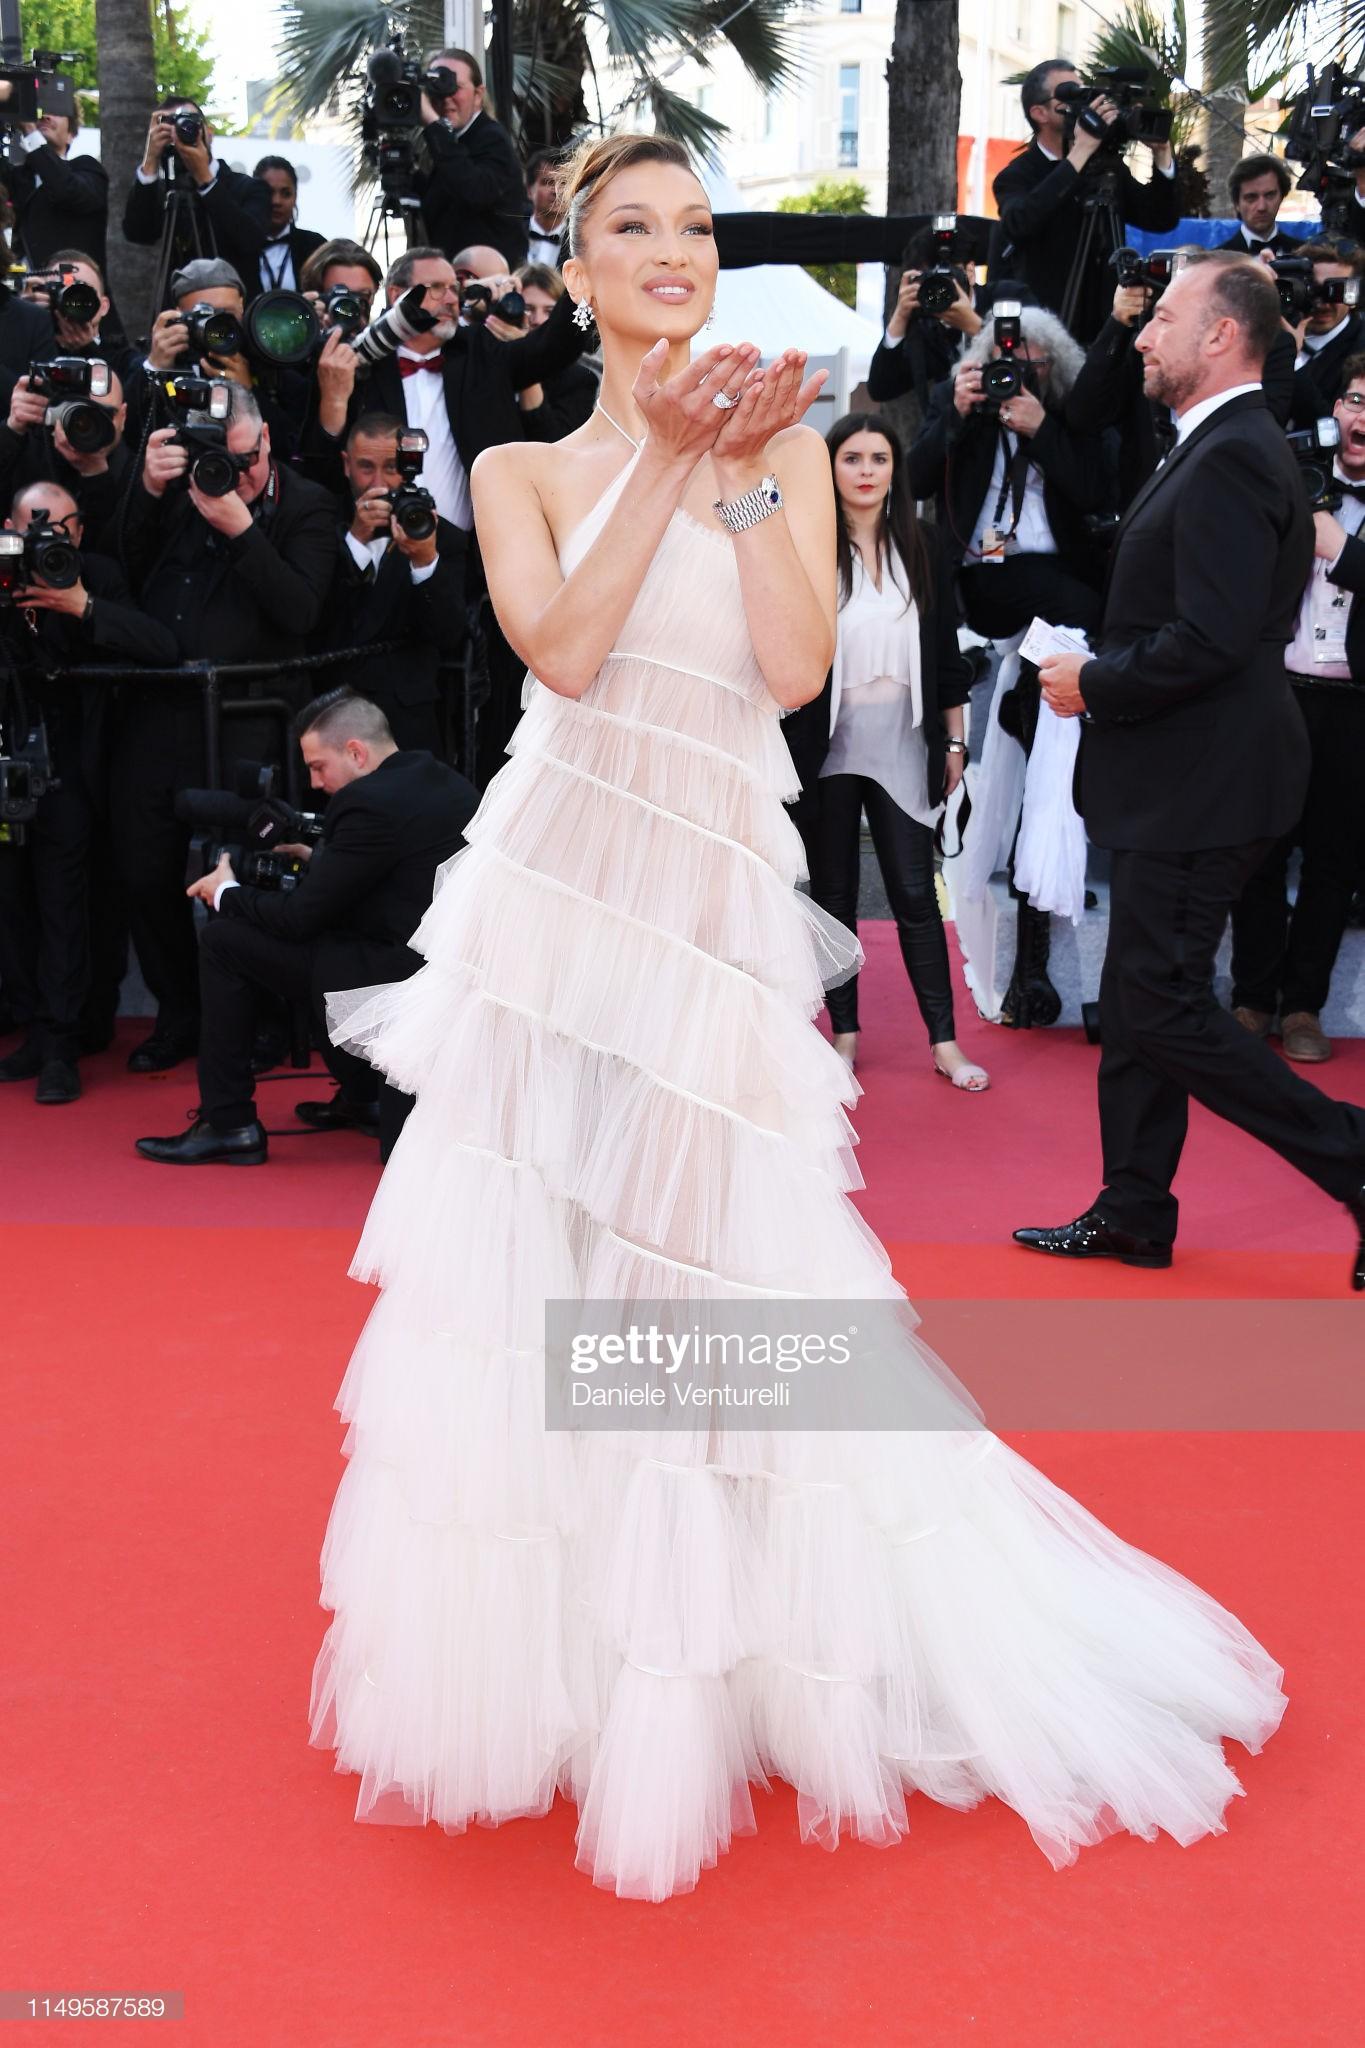 Thảm đỏ Cannes ngày 3: HLV The Face Thái Lan bất ngờ vùng lên chặt chém Bella Hadid cùng dàn mỹ nhân váy xẻ - Ảnh 3.